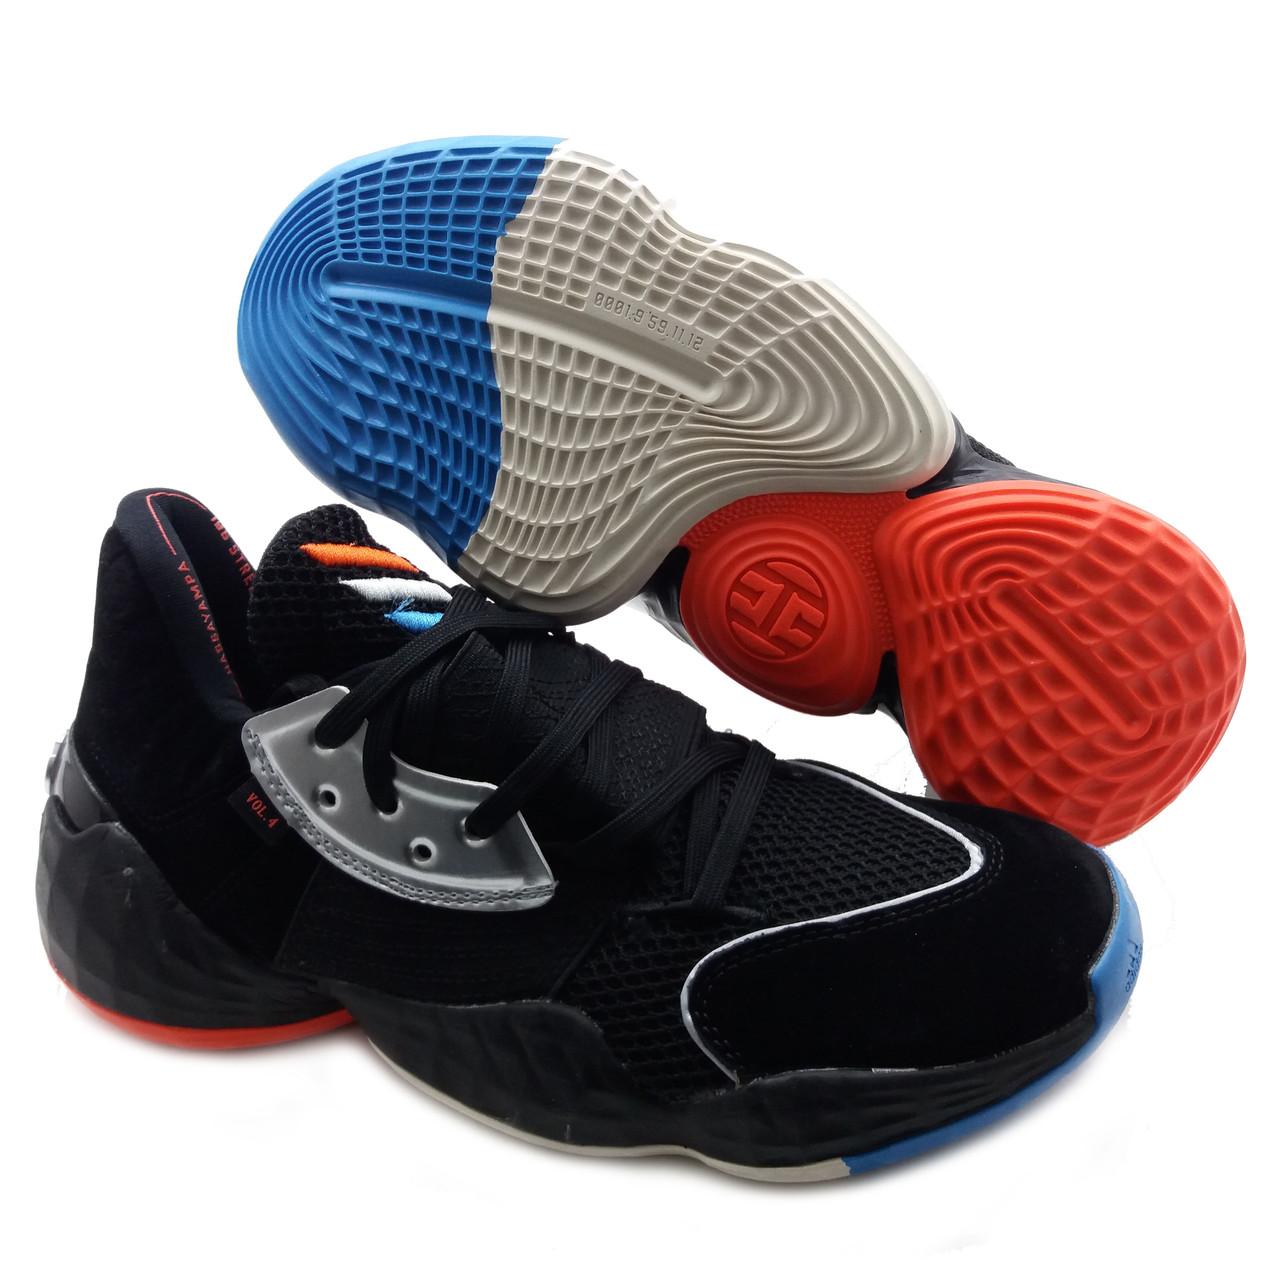 Баскетбольные кроссовки Adidas Harden